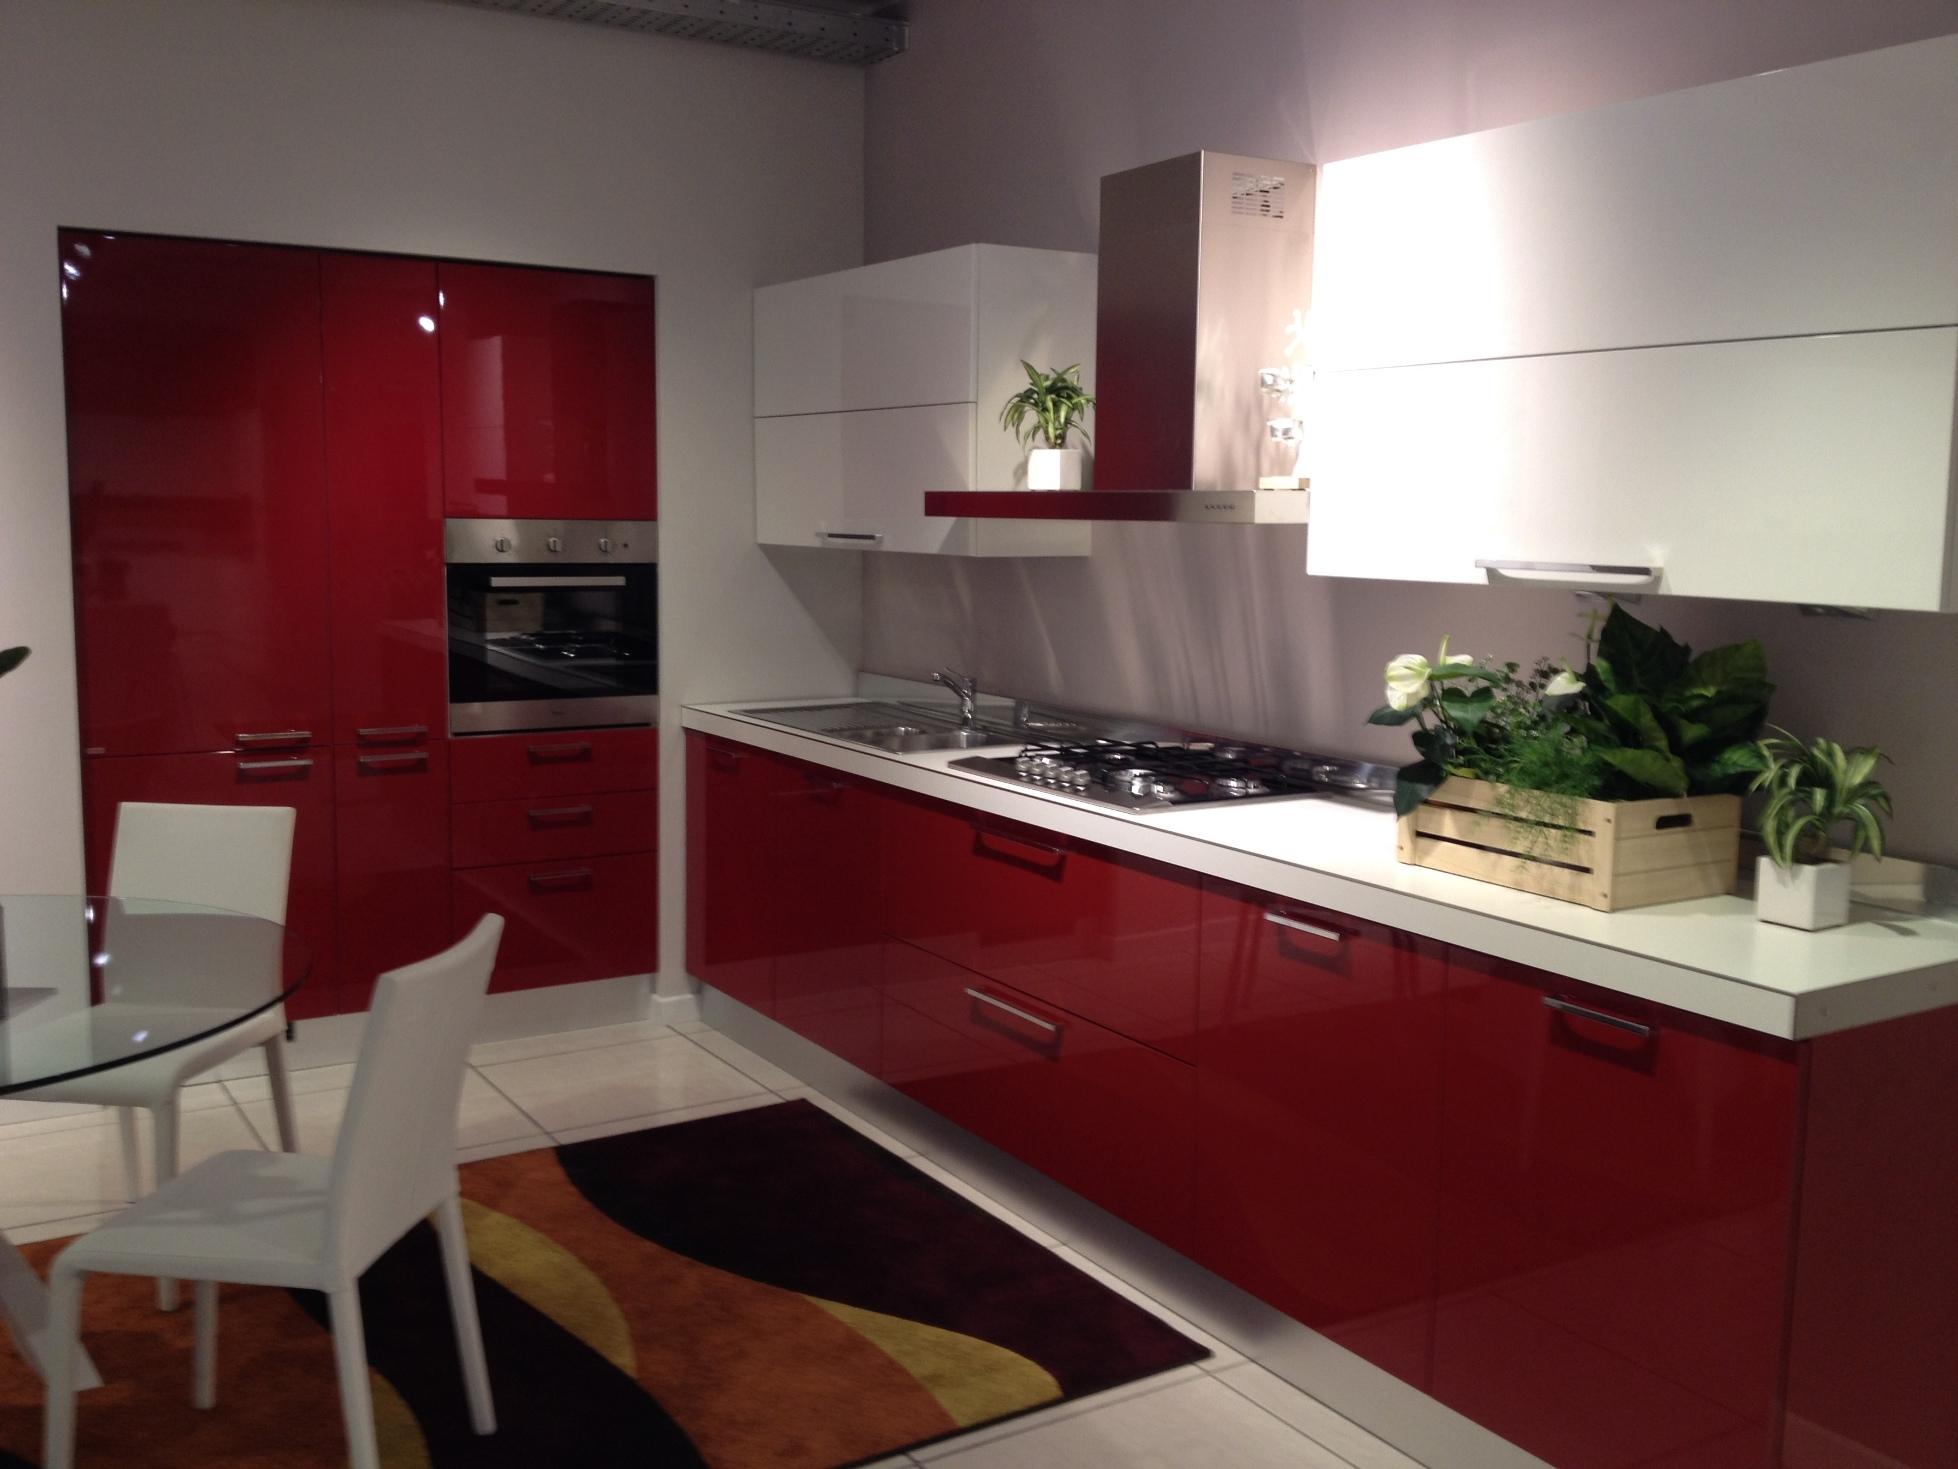 Scavolini cucina sax moderna laccato lucido rossa cucine - Cucina componibile prezzi ...